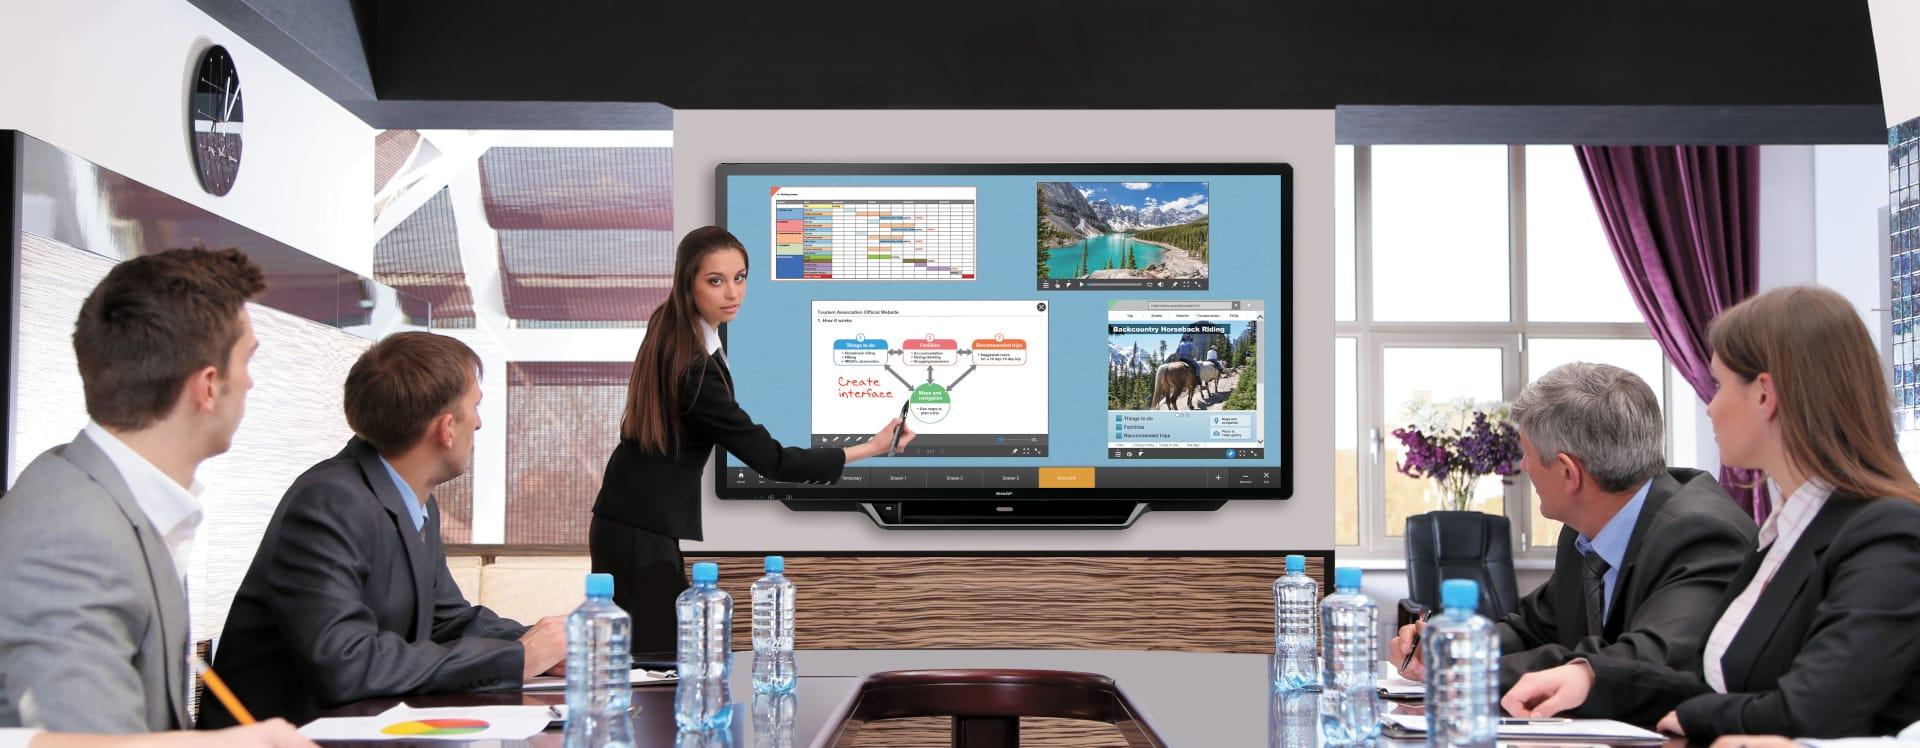 Präsentations- und Konferenztechnik